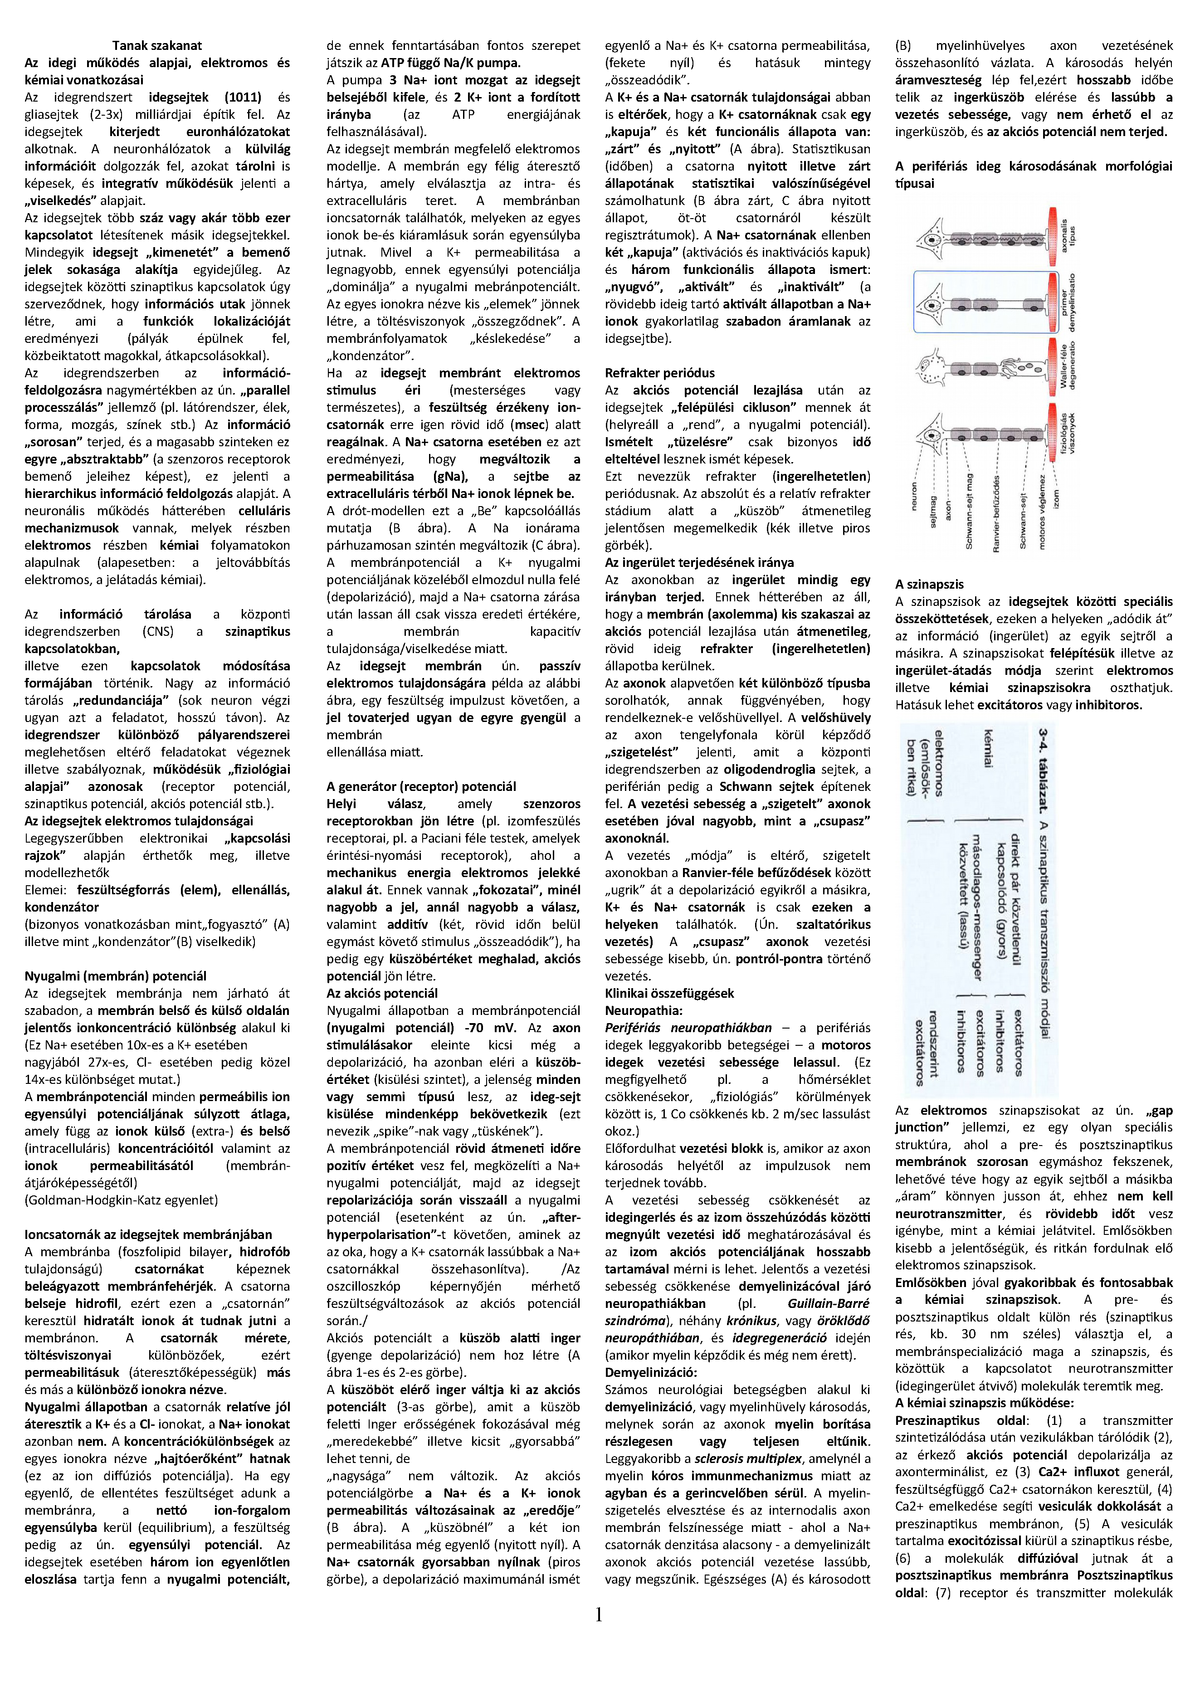 44aabcb789ae Tanak Szakanat hasab - Lecture notes each - NBTA-701: A tanulásban  akadályozottság szakanatómiája és orvos-biológiai ismeretei - StuDocu